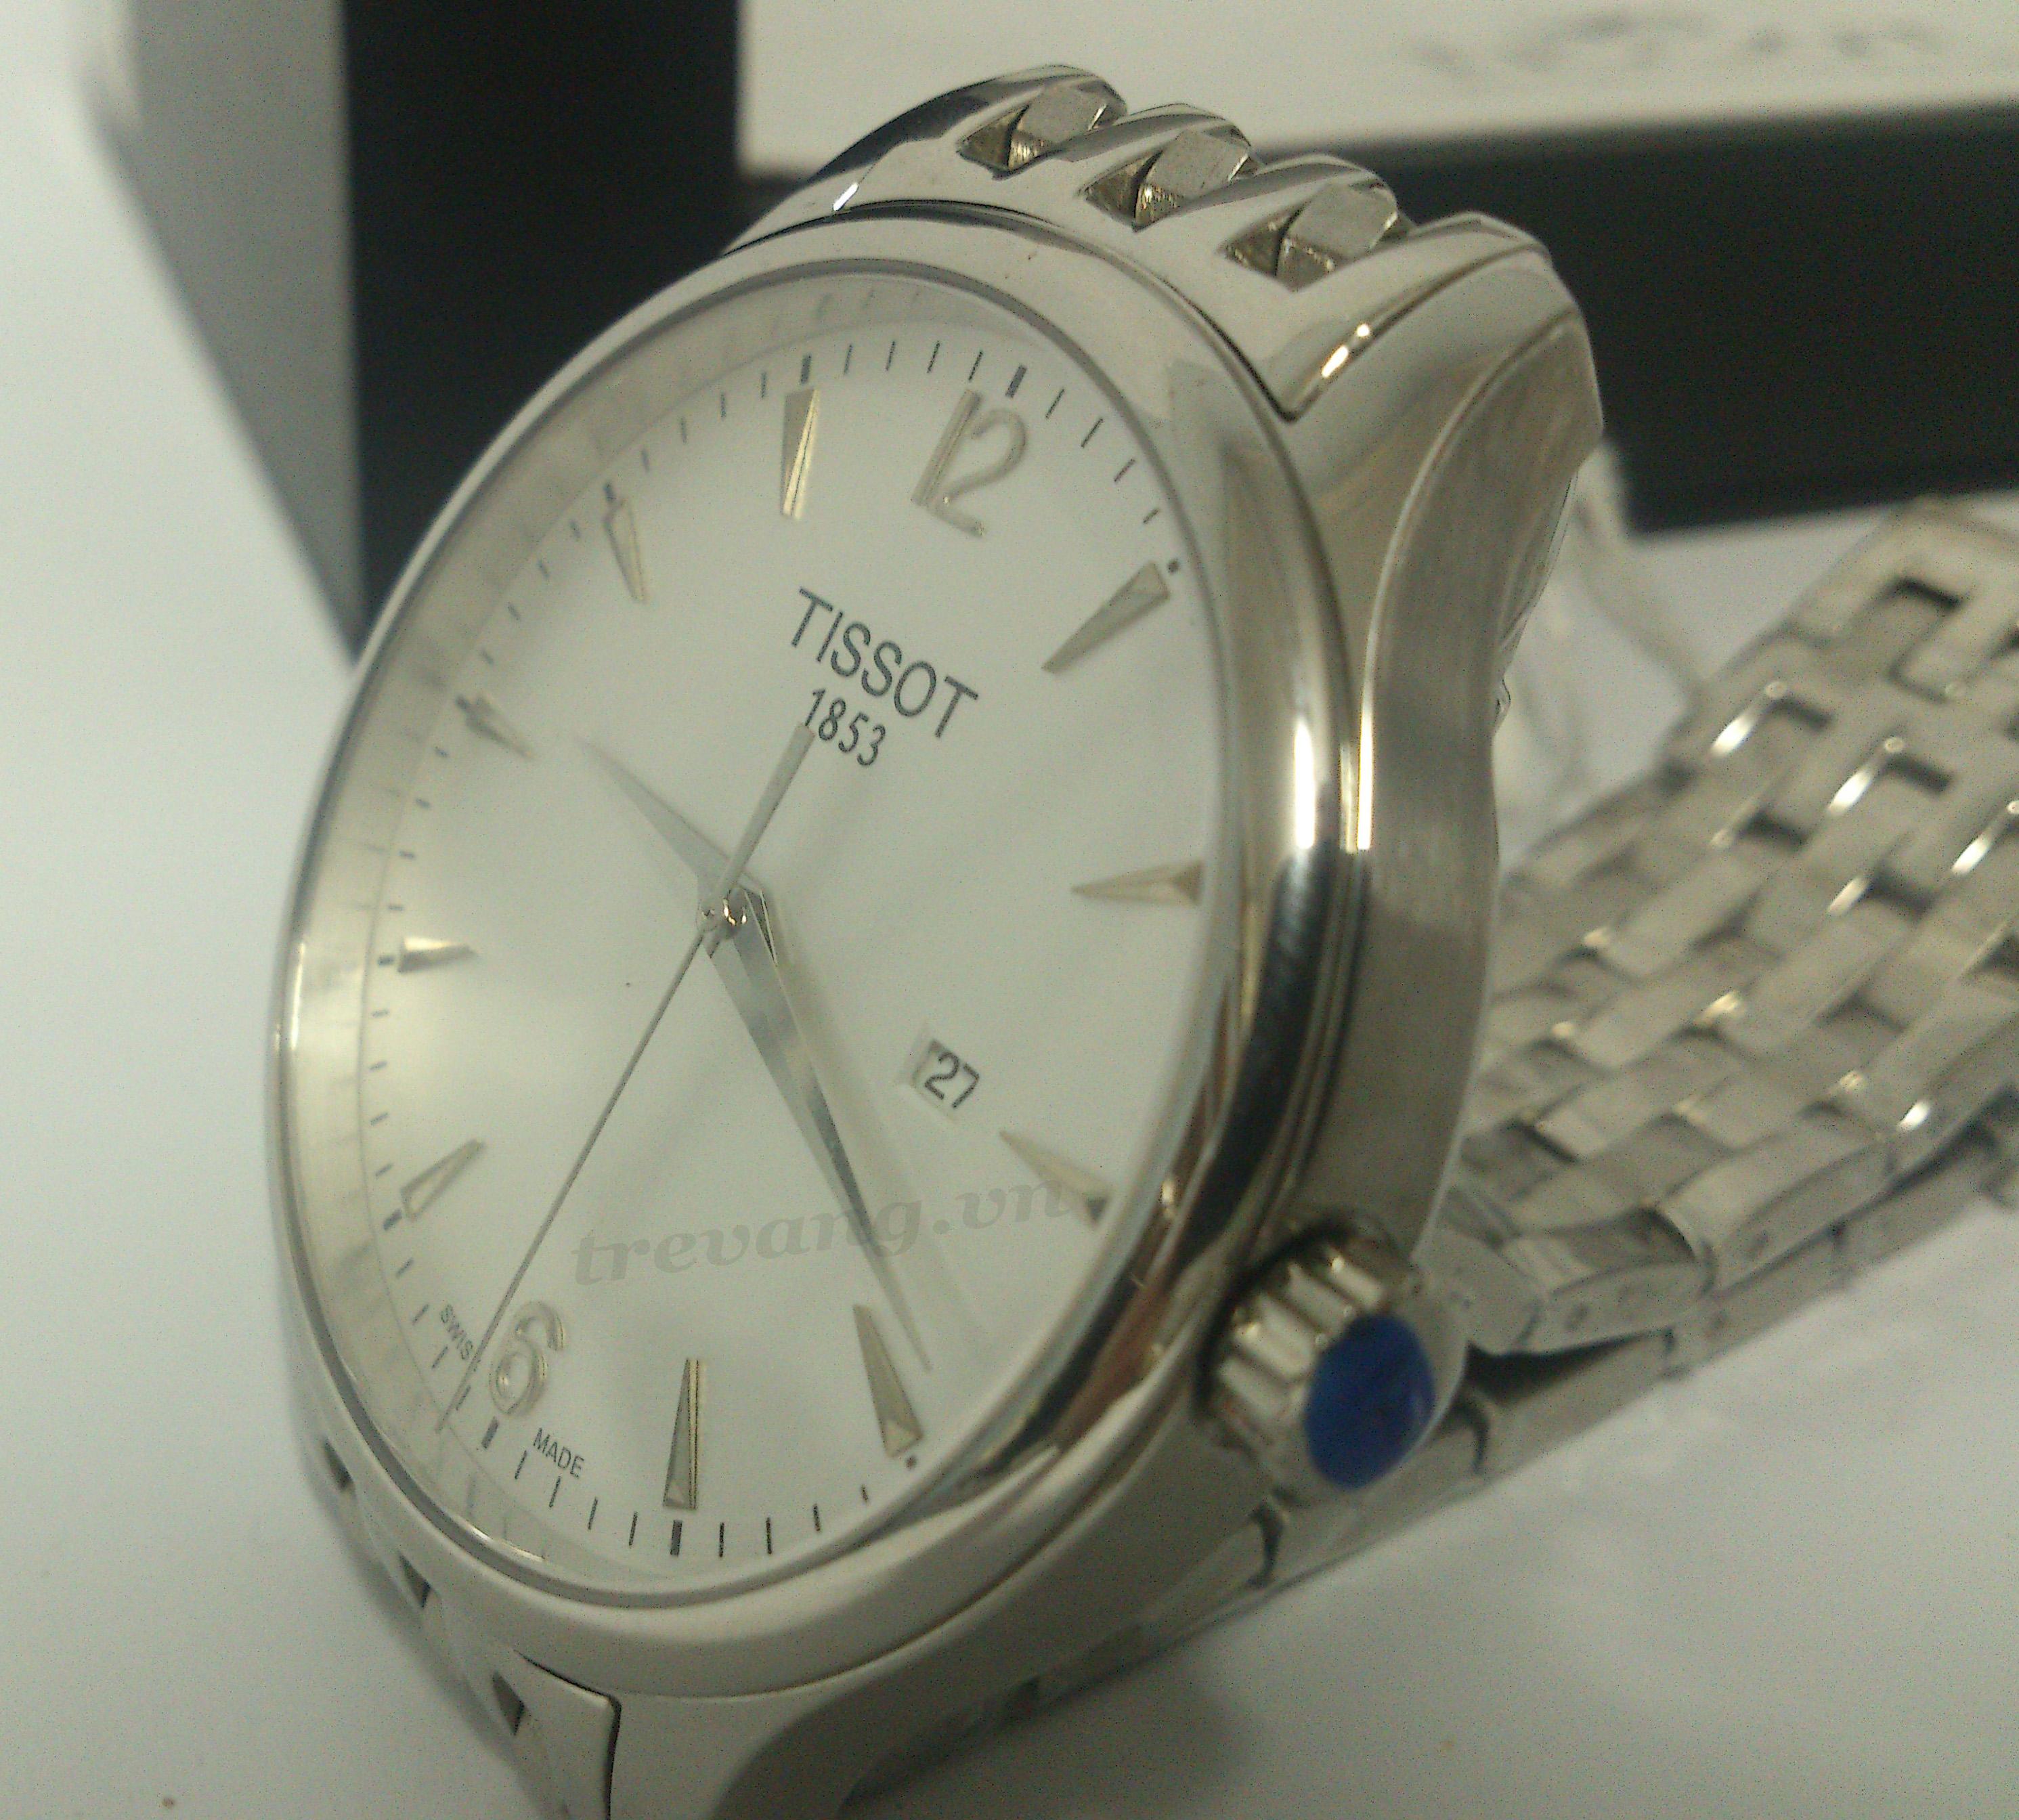 Đồng hồ nam Tissot 1853 T063.610.11.037.00 núm chỉnh giờ